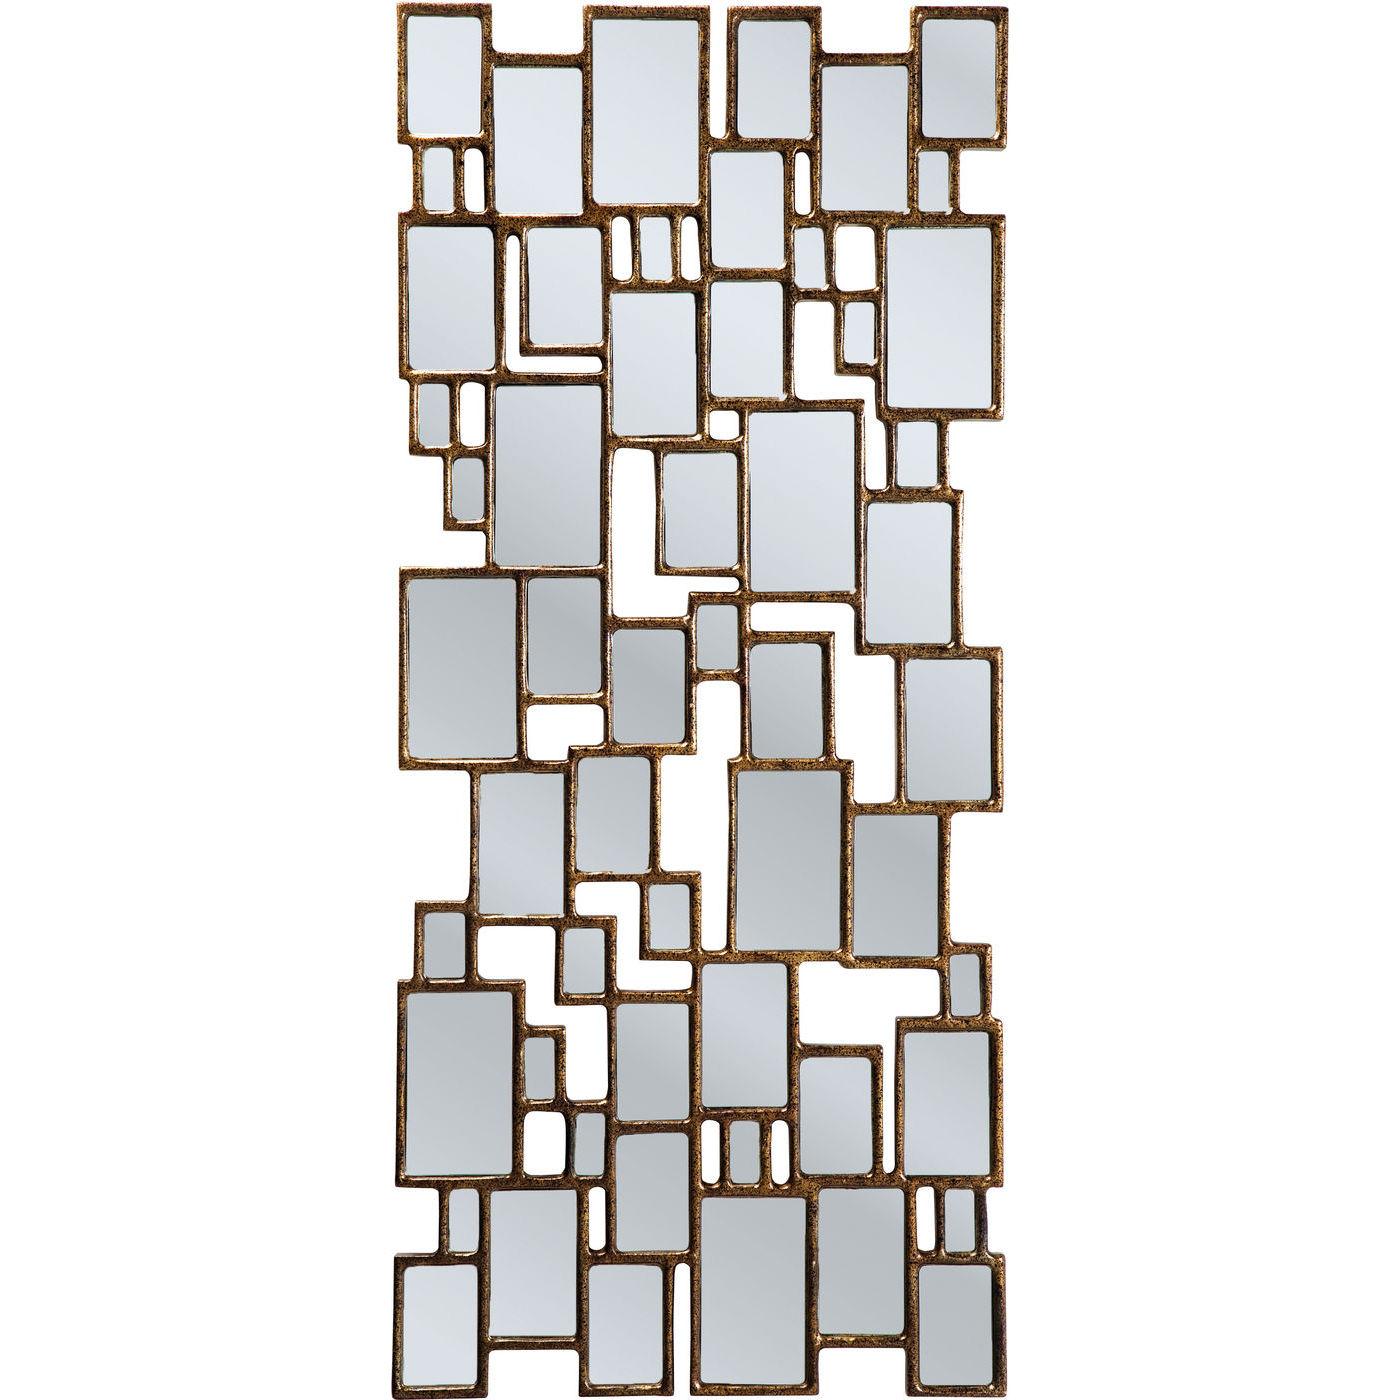 Billede af Kare Design Spejl, Cubes Copper 132x54cm